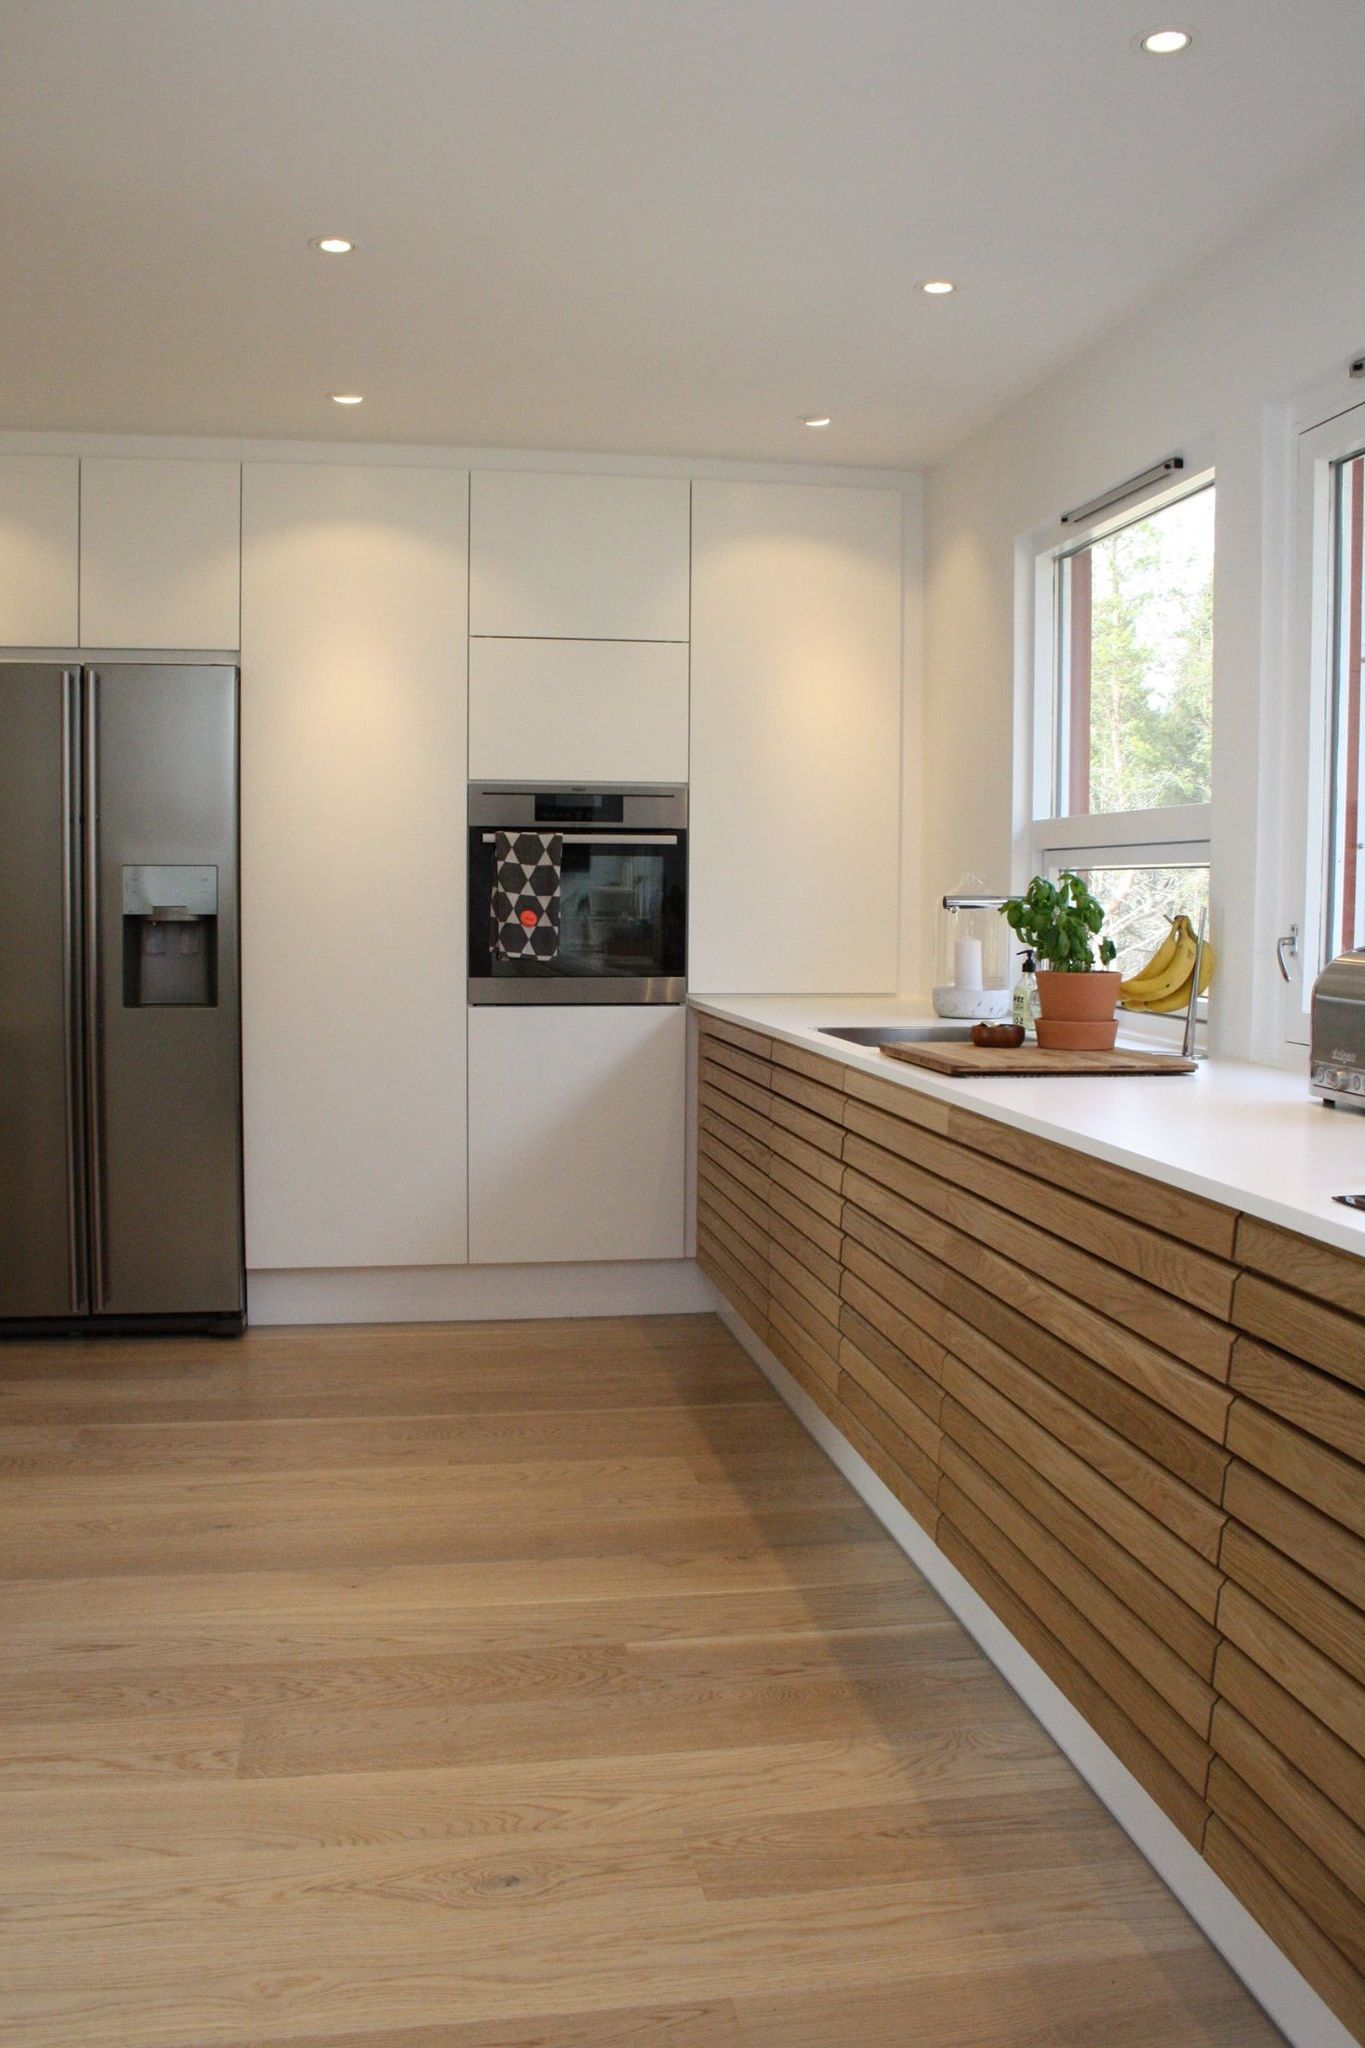 Svane Kj Kken Molde Kitchen Ideas Pinterest Cozinha S O